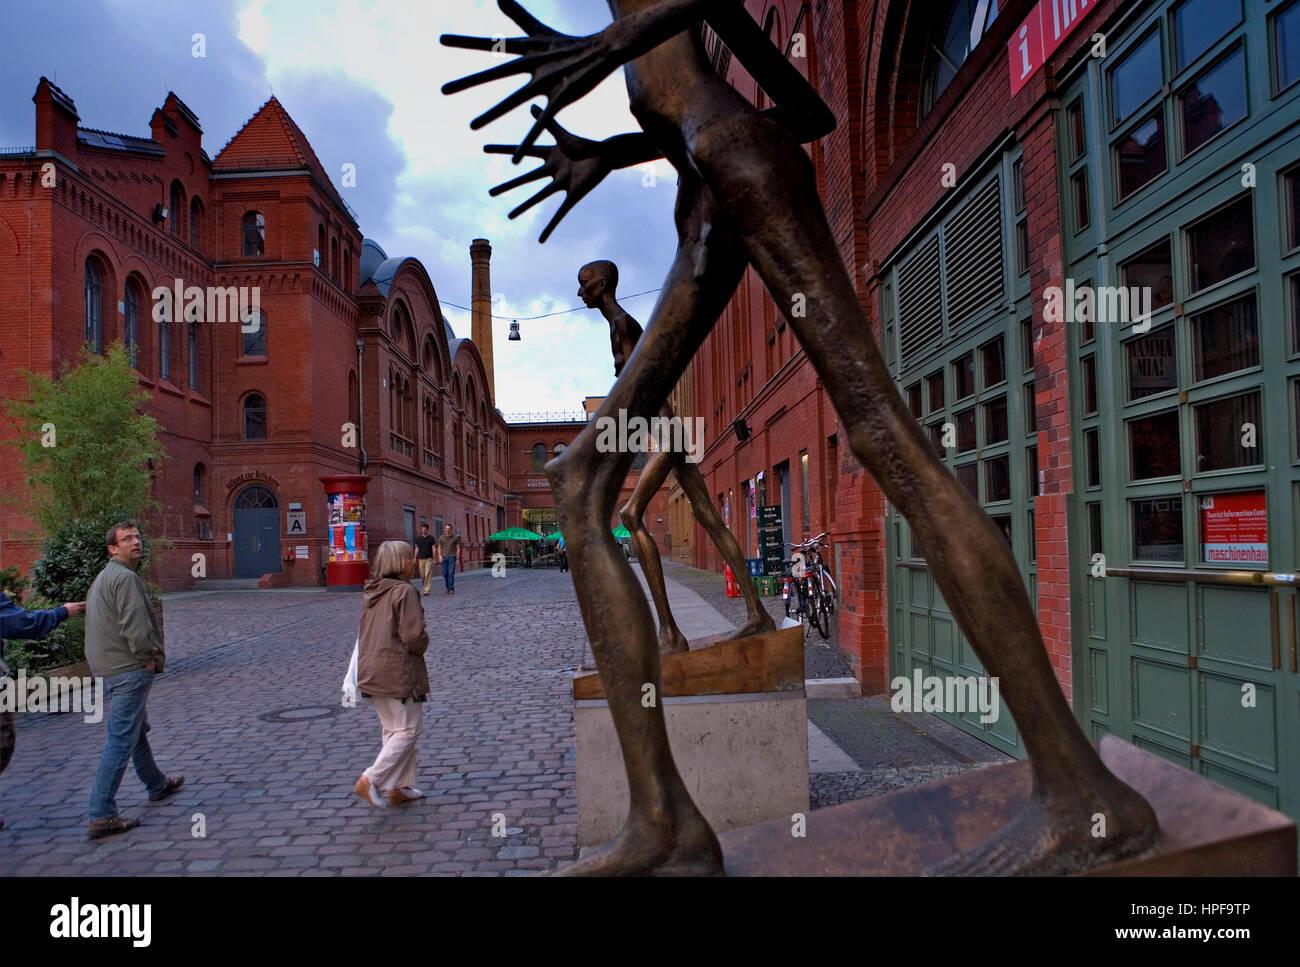 Kultur-Brauerei. Sredkinstrave an der Schönhauser Allee. Skulpturen von Rolf Biebl.Berlin. Deutschland Stockbild